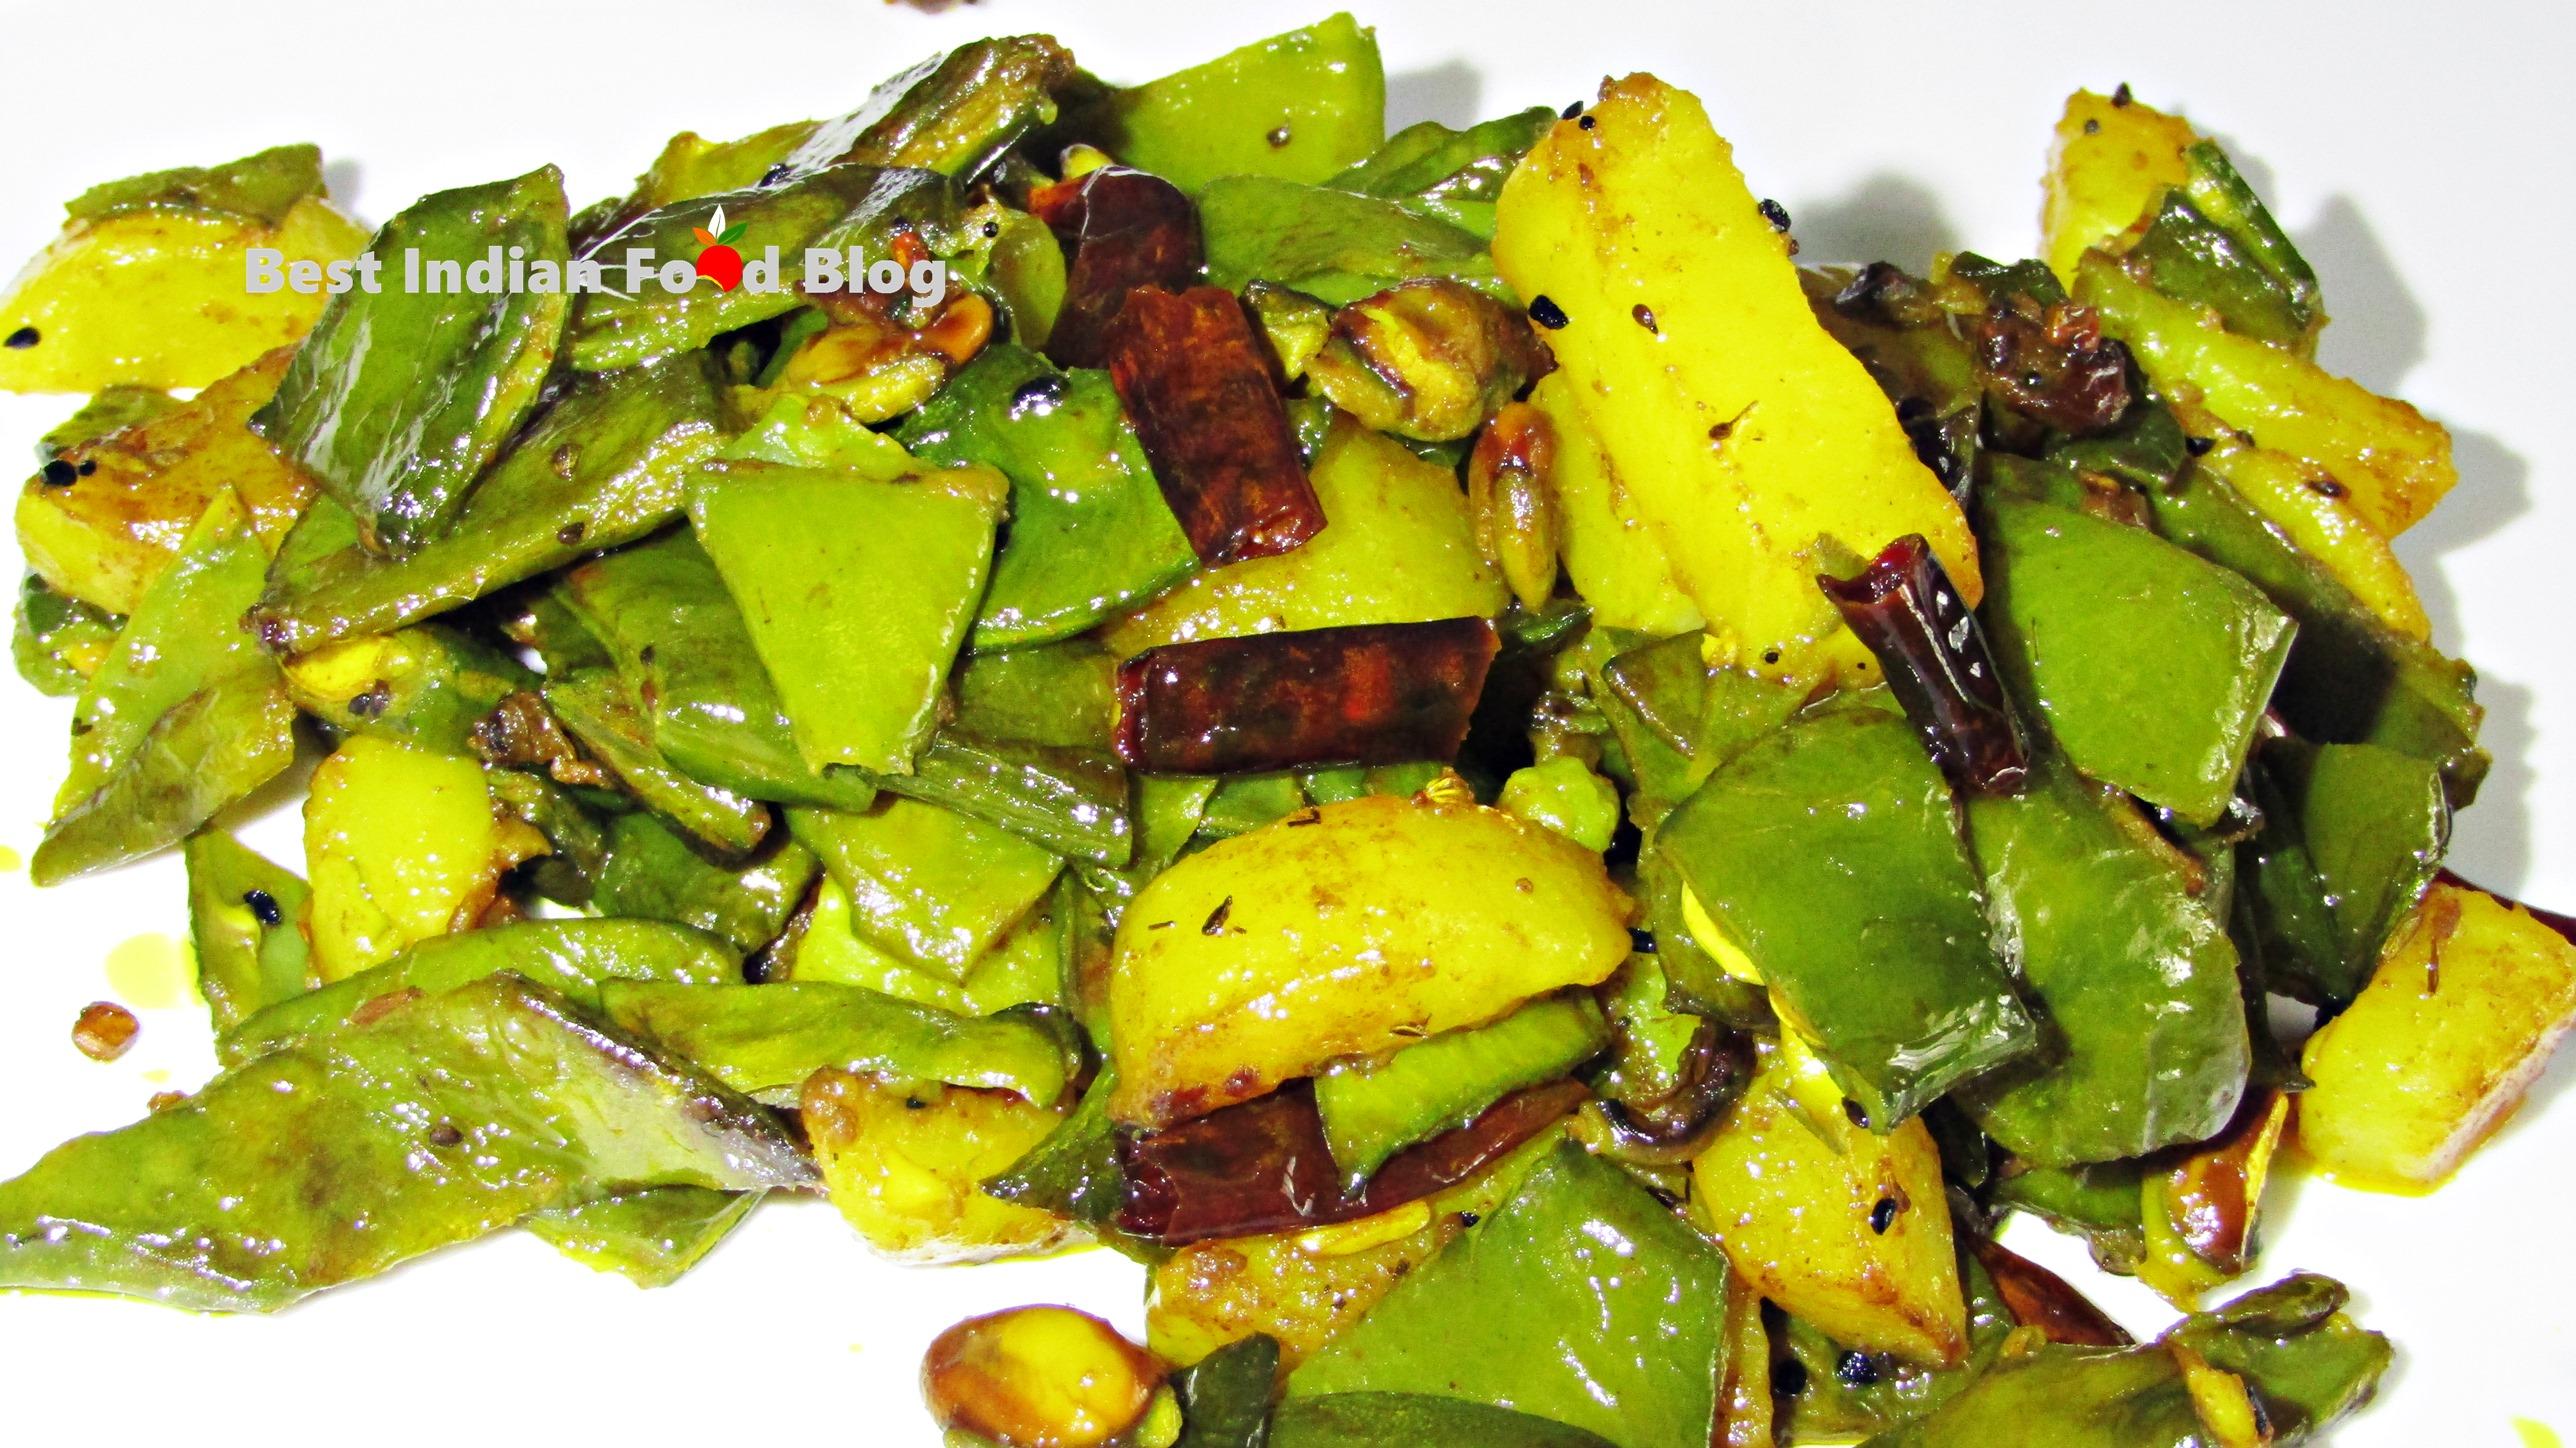 Simba Alu Bhaja from Odisha, India | Best Indian Food Blog